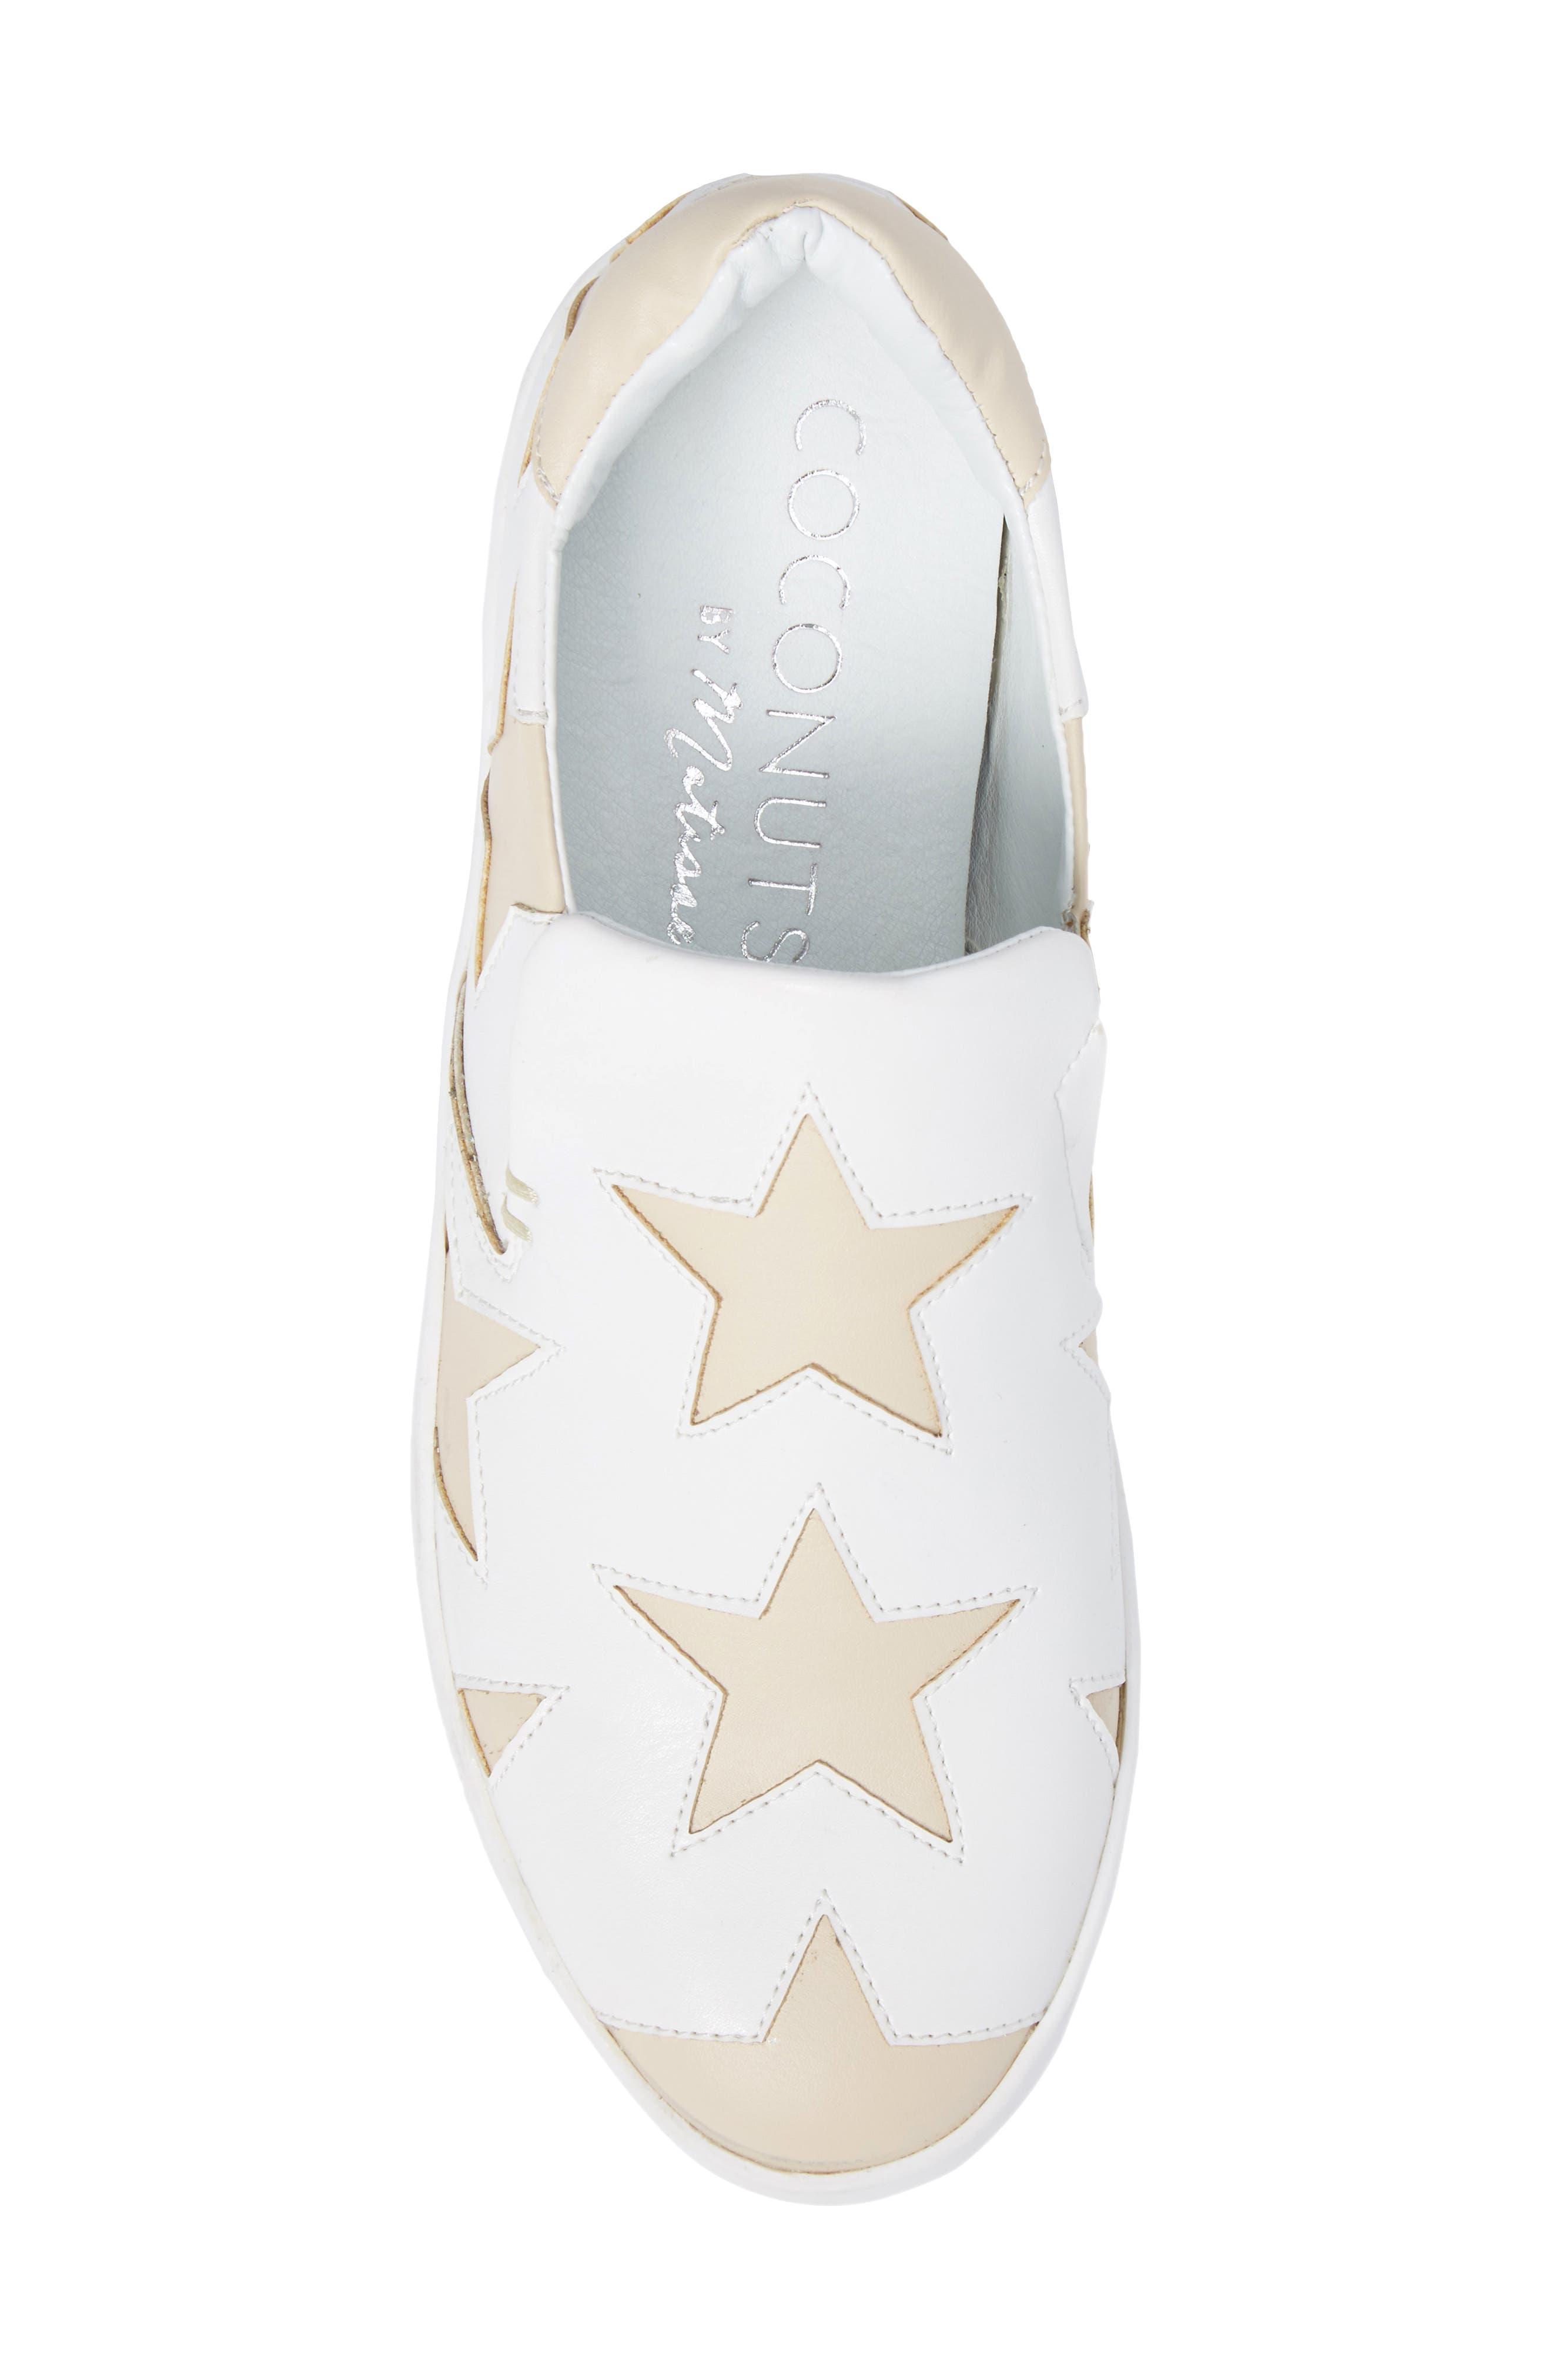 Highlight Slip-On Star Sneaker,                             Alternate thumbnail 5, color,                             White